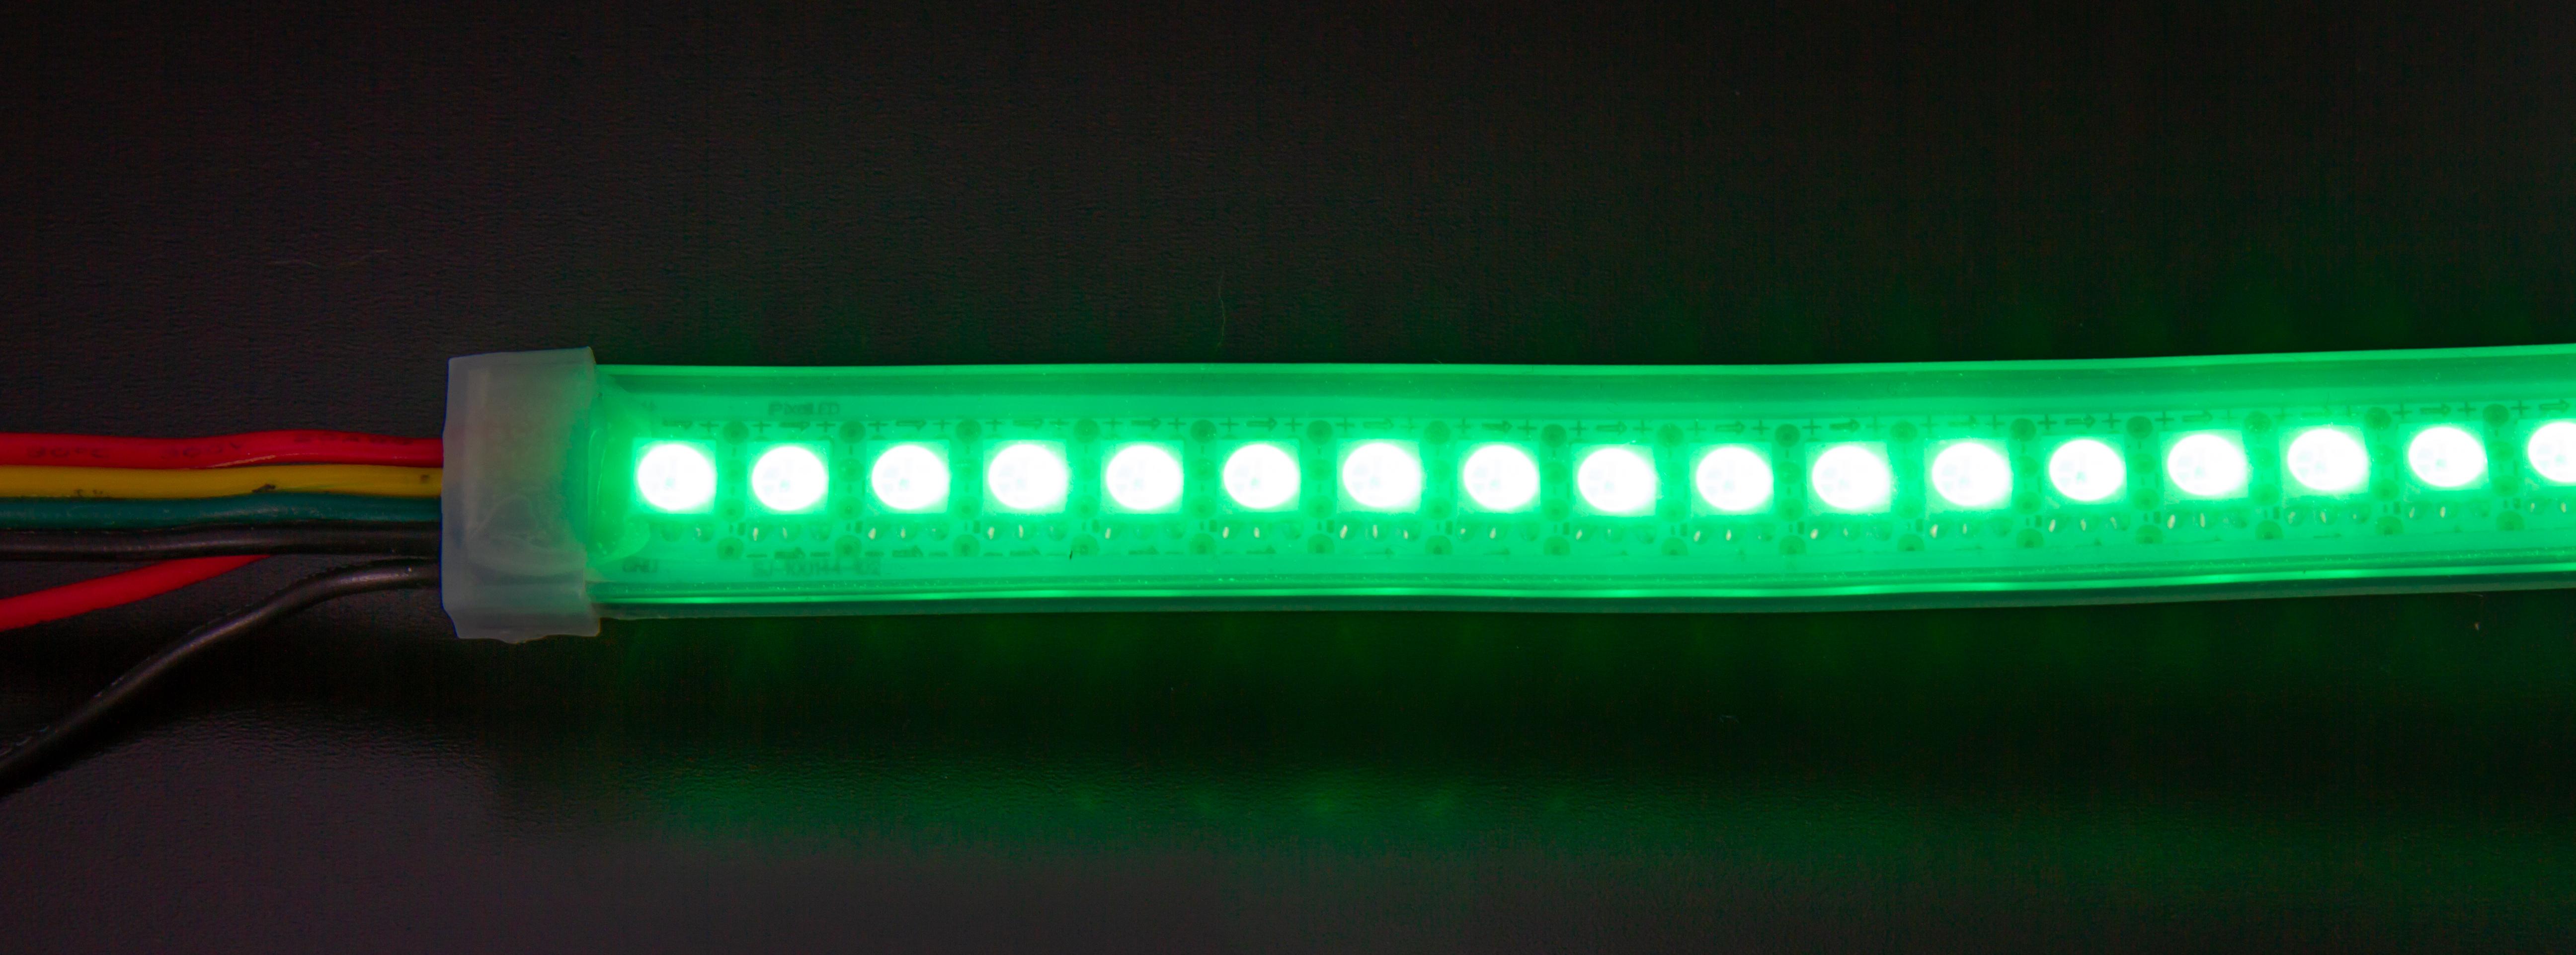 led_strips_DotStar_All_LEDs_Green.jpg